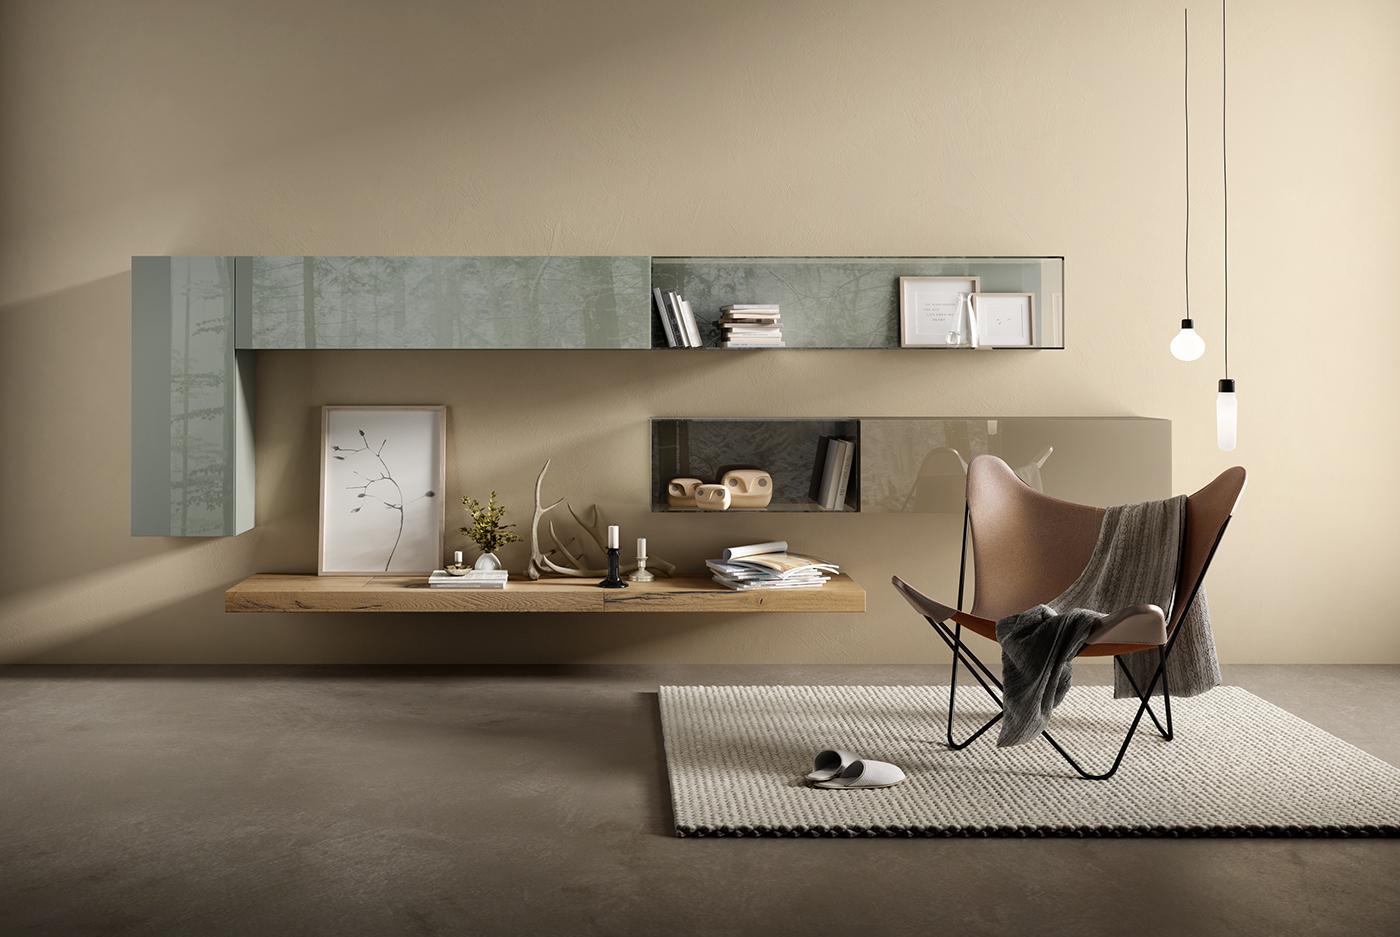 Concept room lago living on behance for Lago living room